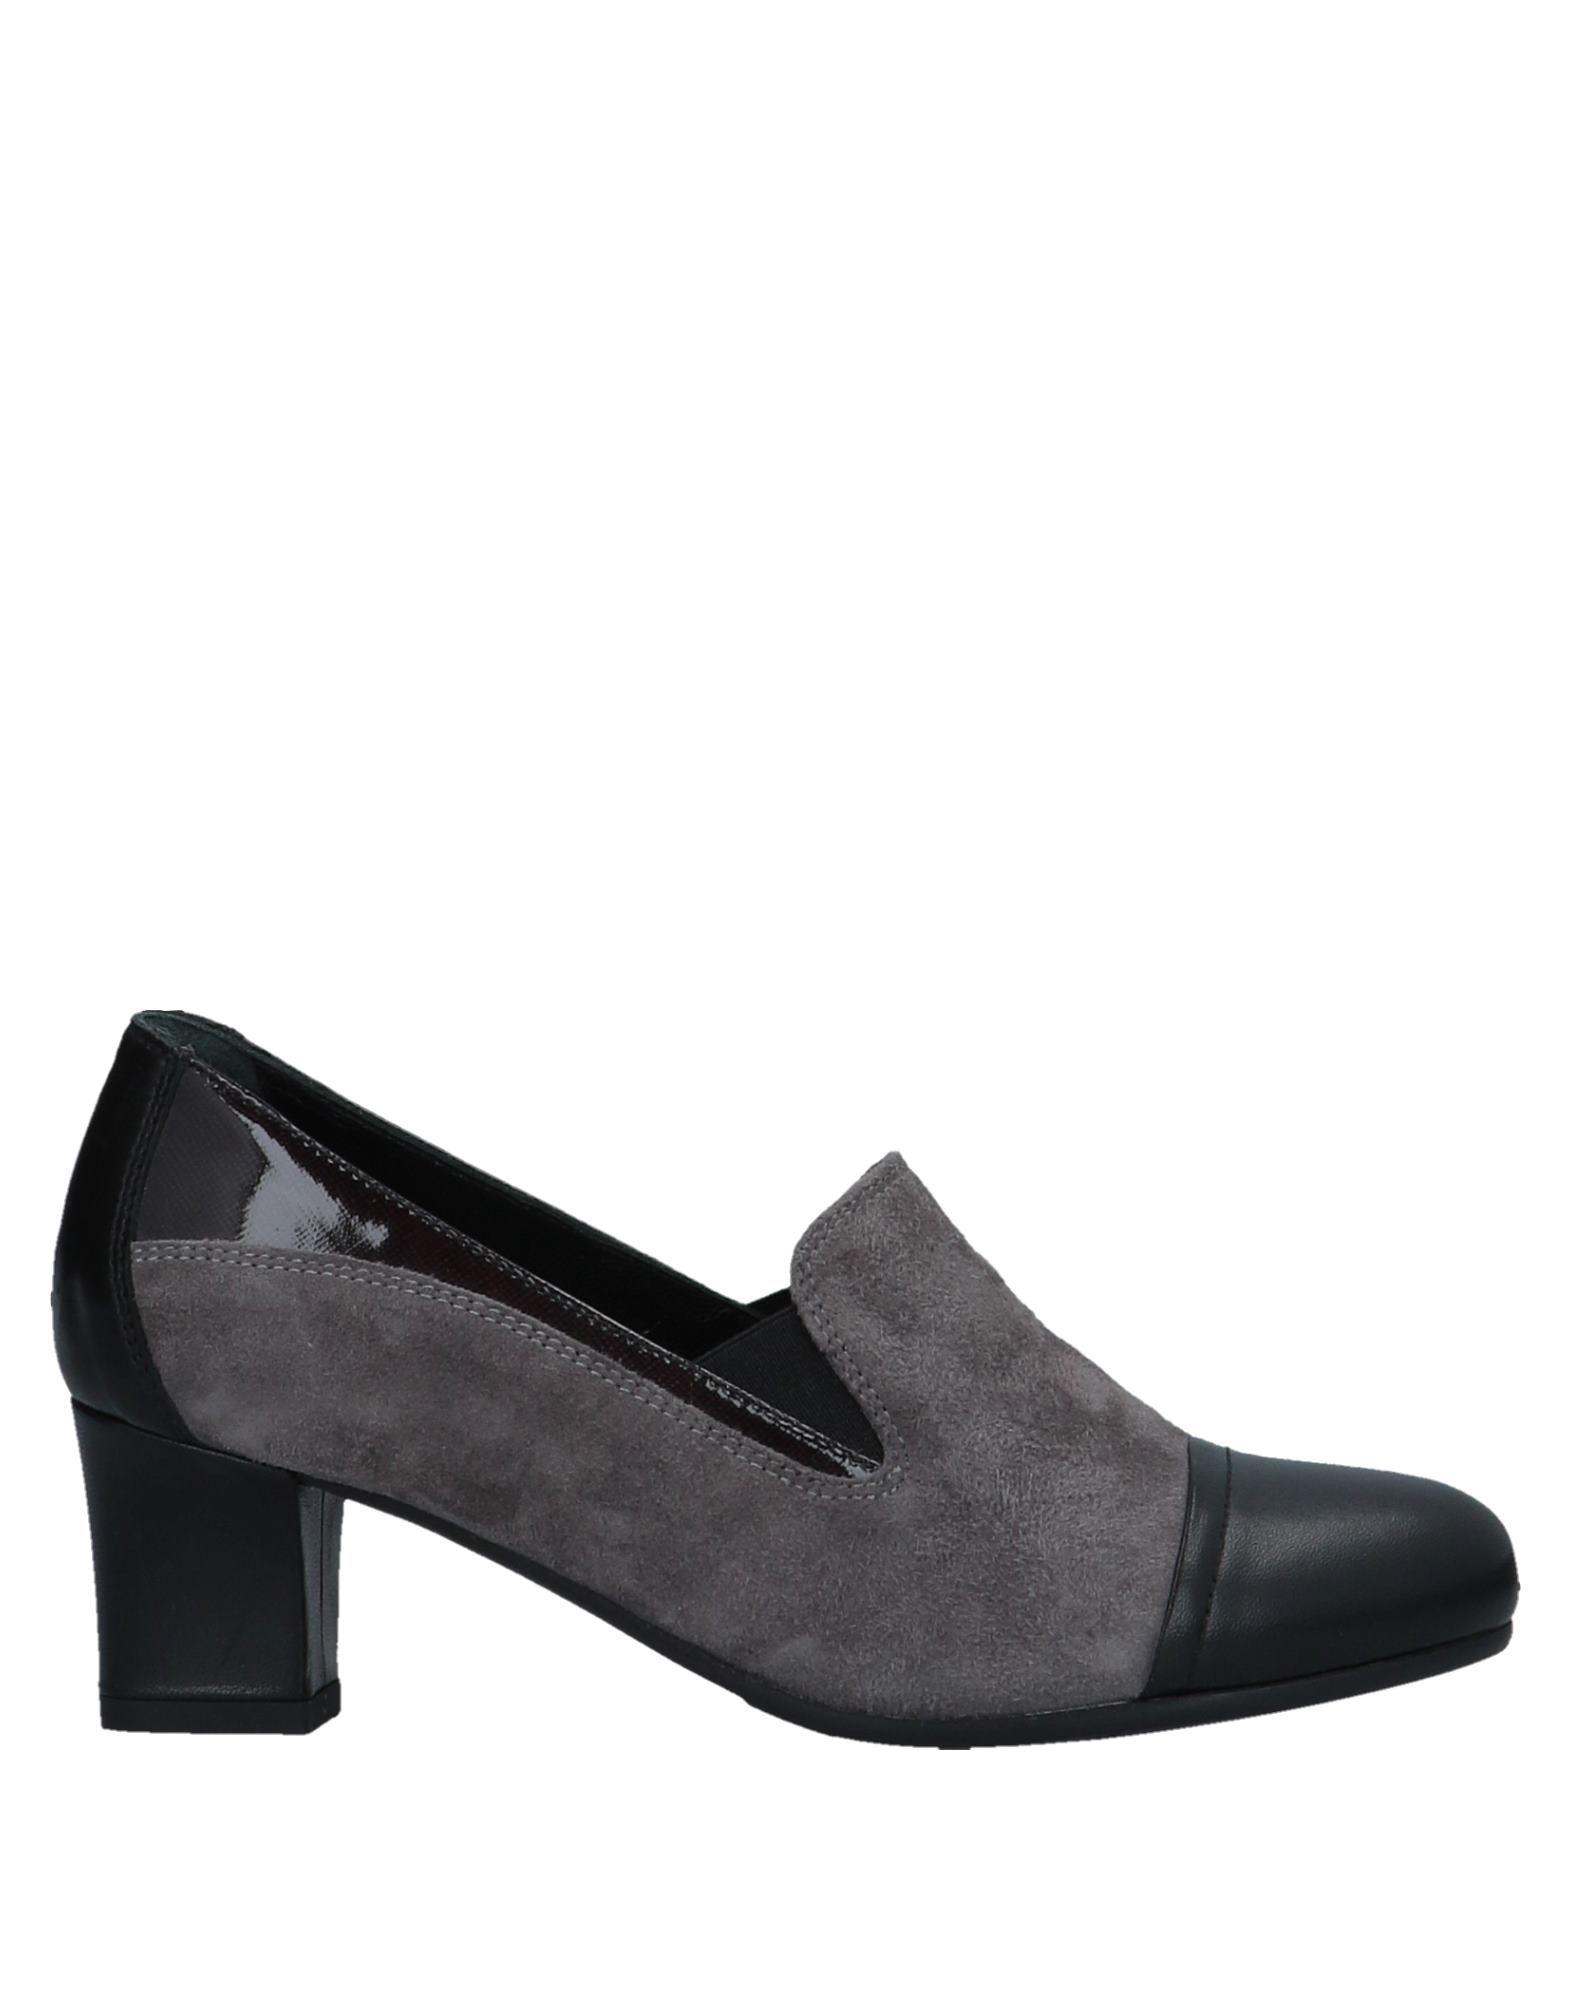 Donna Soft Gute Mokassins Damen  11538199LF Gute Soft Qualität beliebte Schuhe e53167